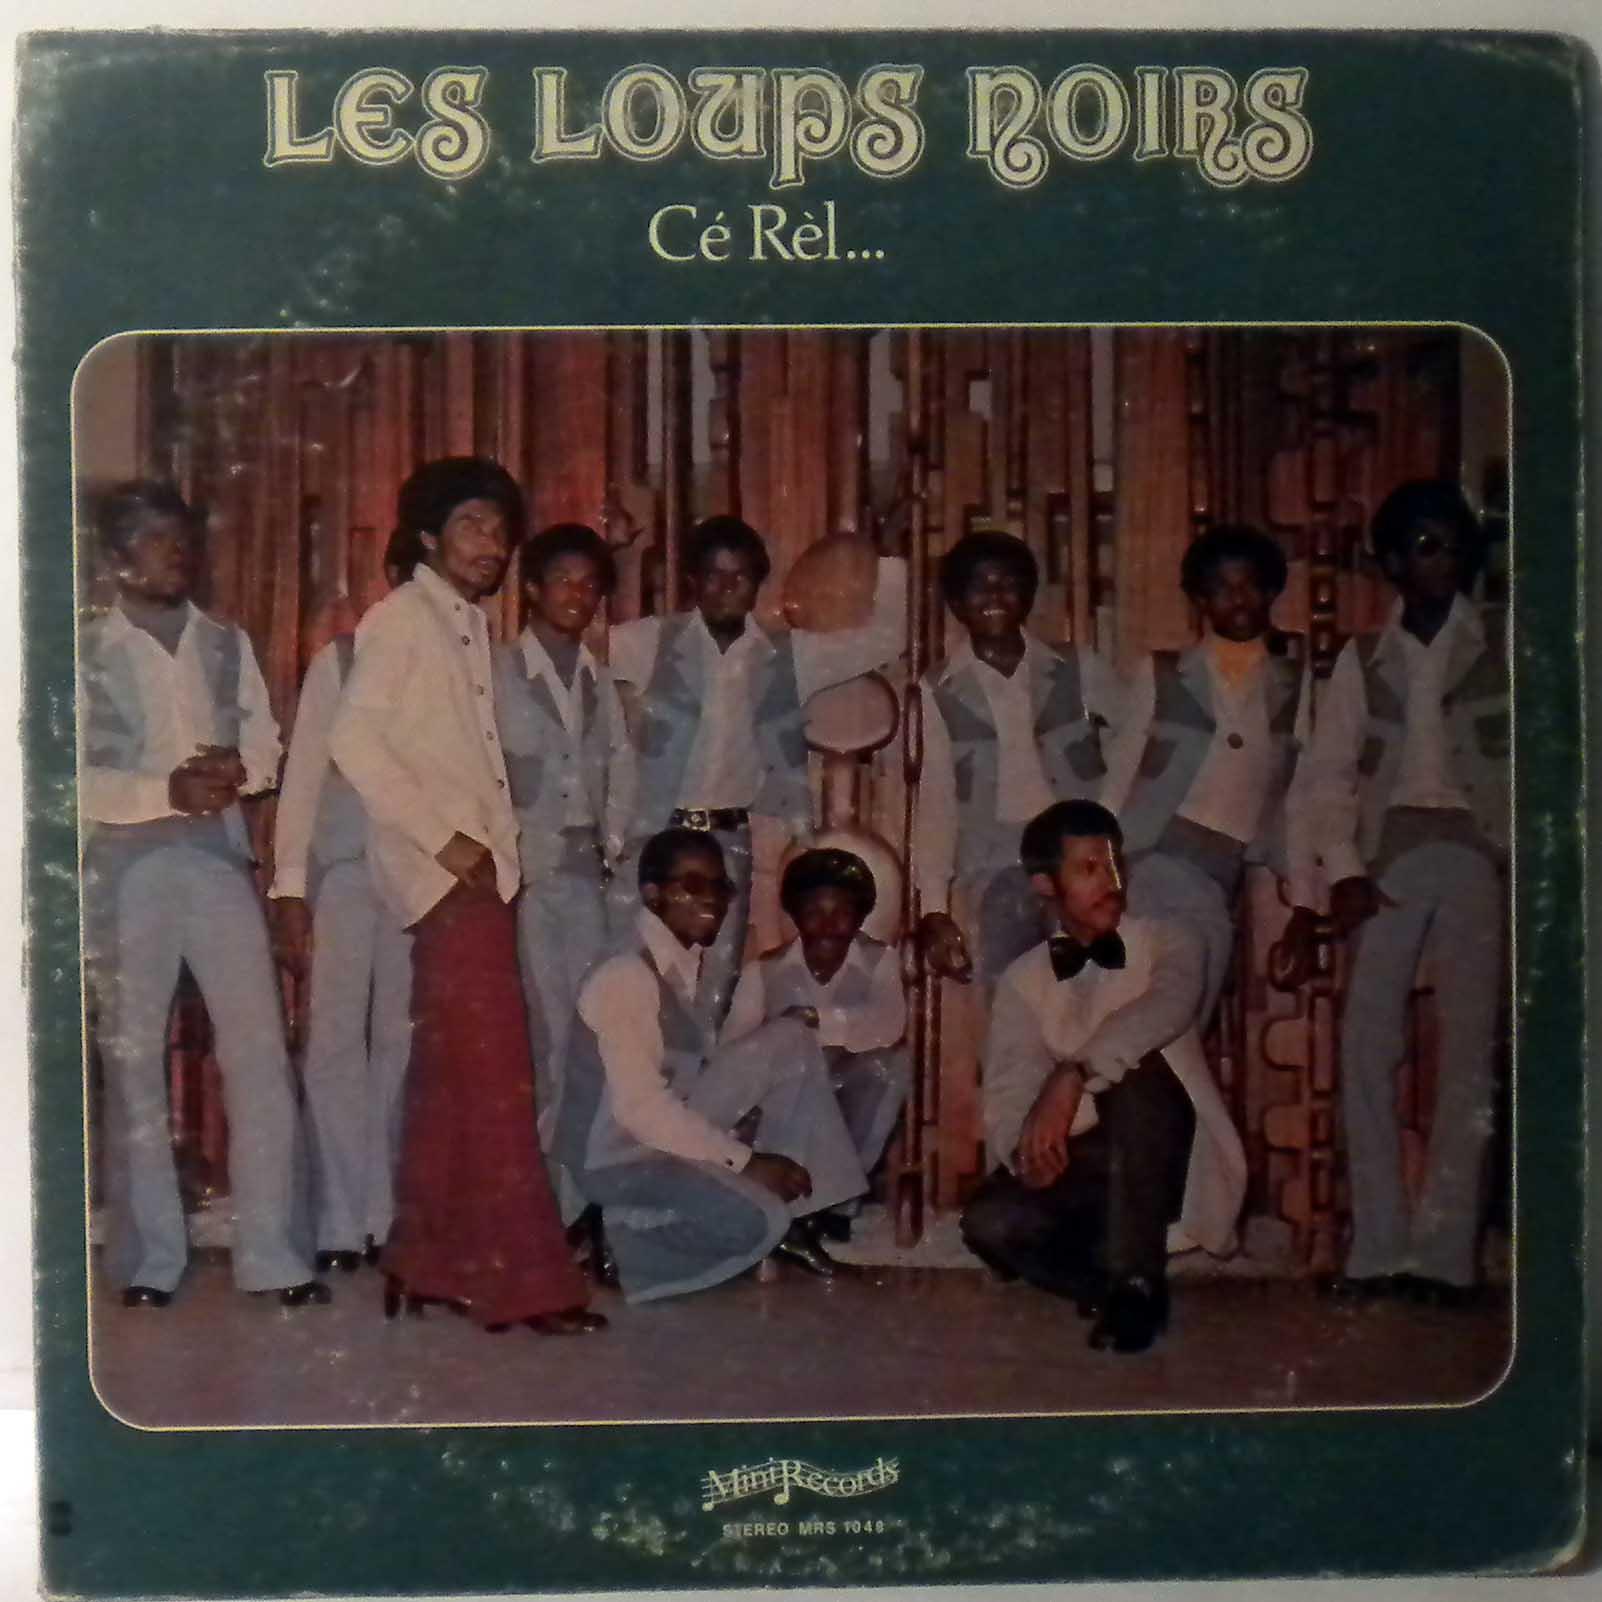 LES LOUPS NOIRS - Ce rel - LP